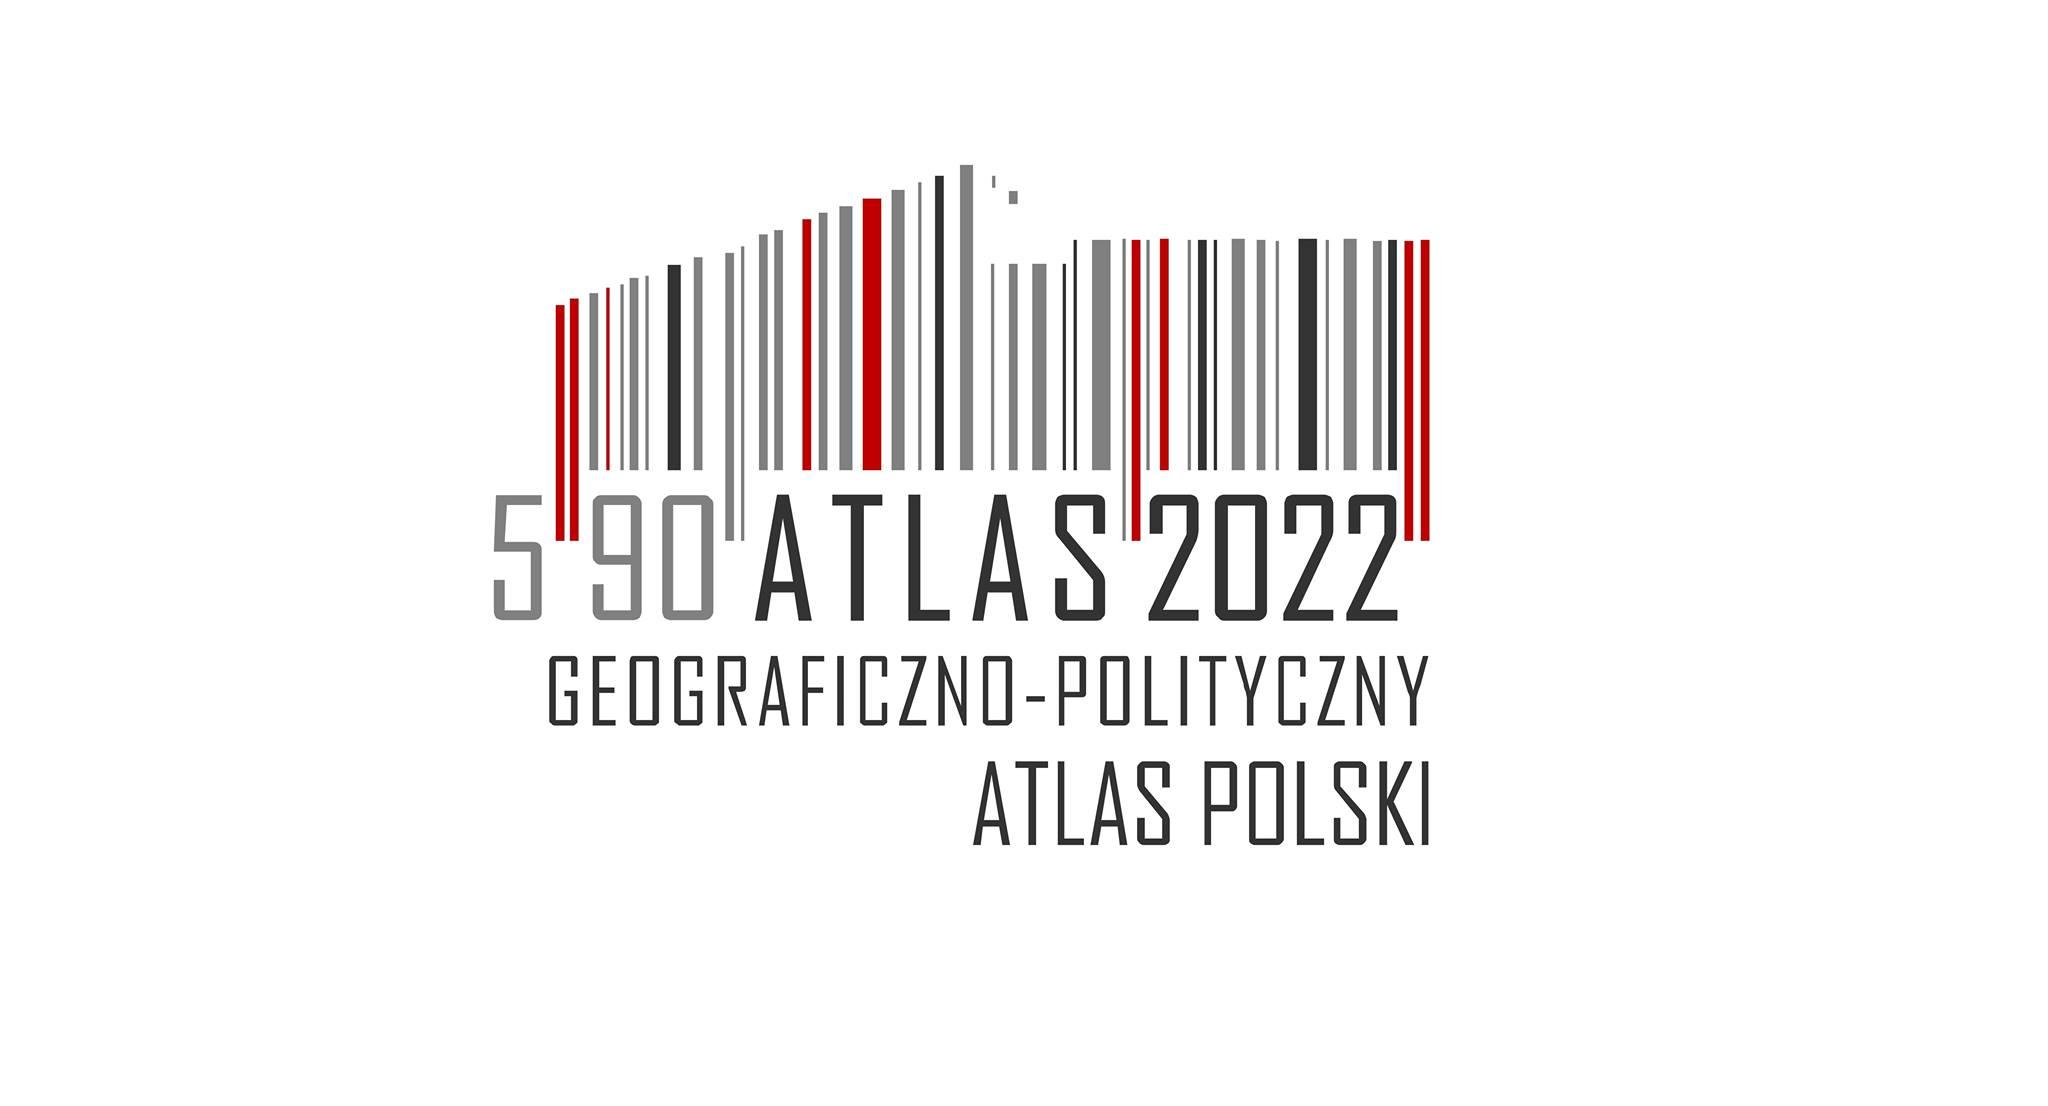 logo z kodu kreskowego w kształcie północnej połowy Polski i nazwą Geograficzno-Polityczny Atlas Polski